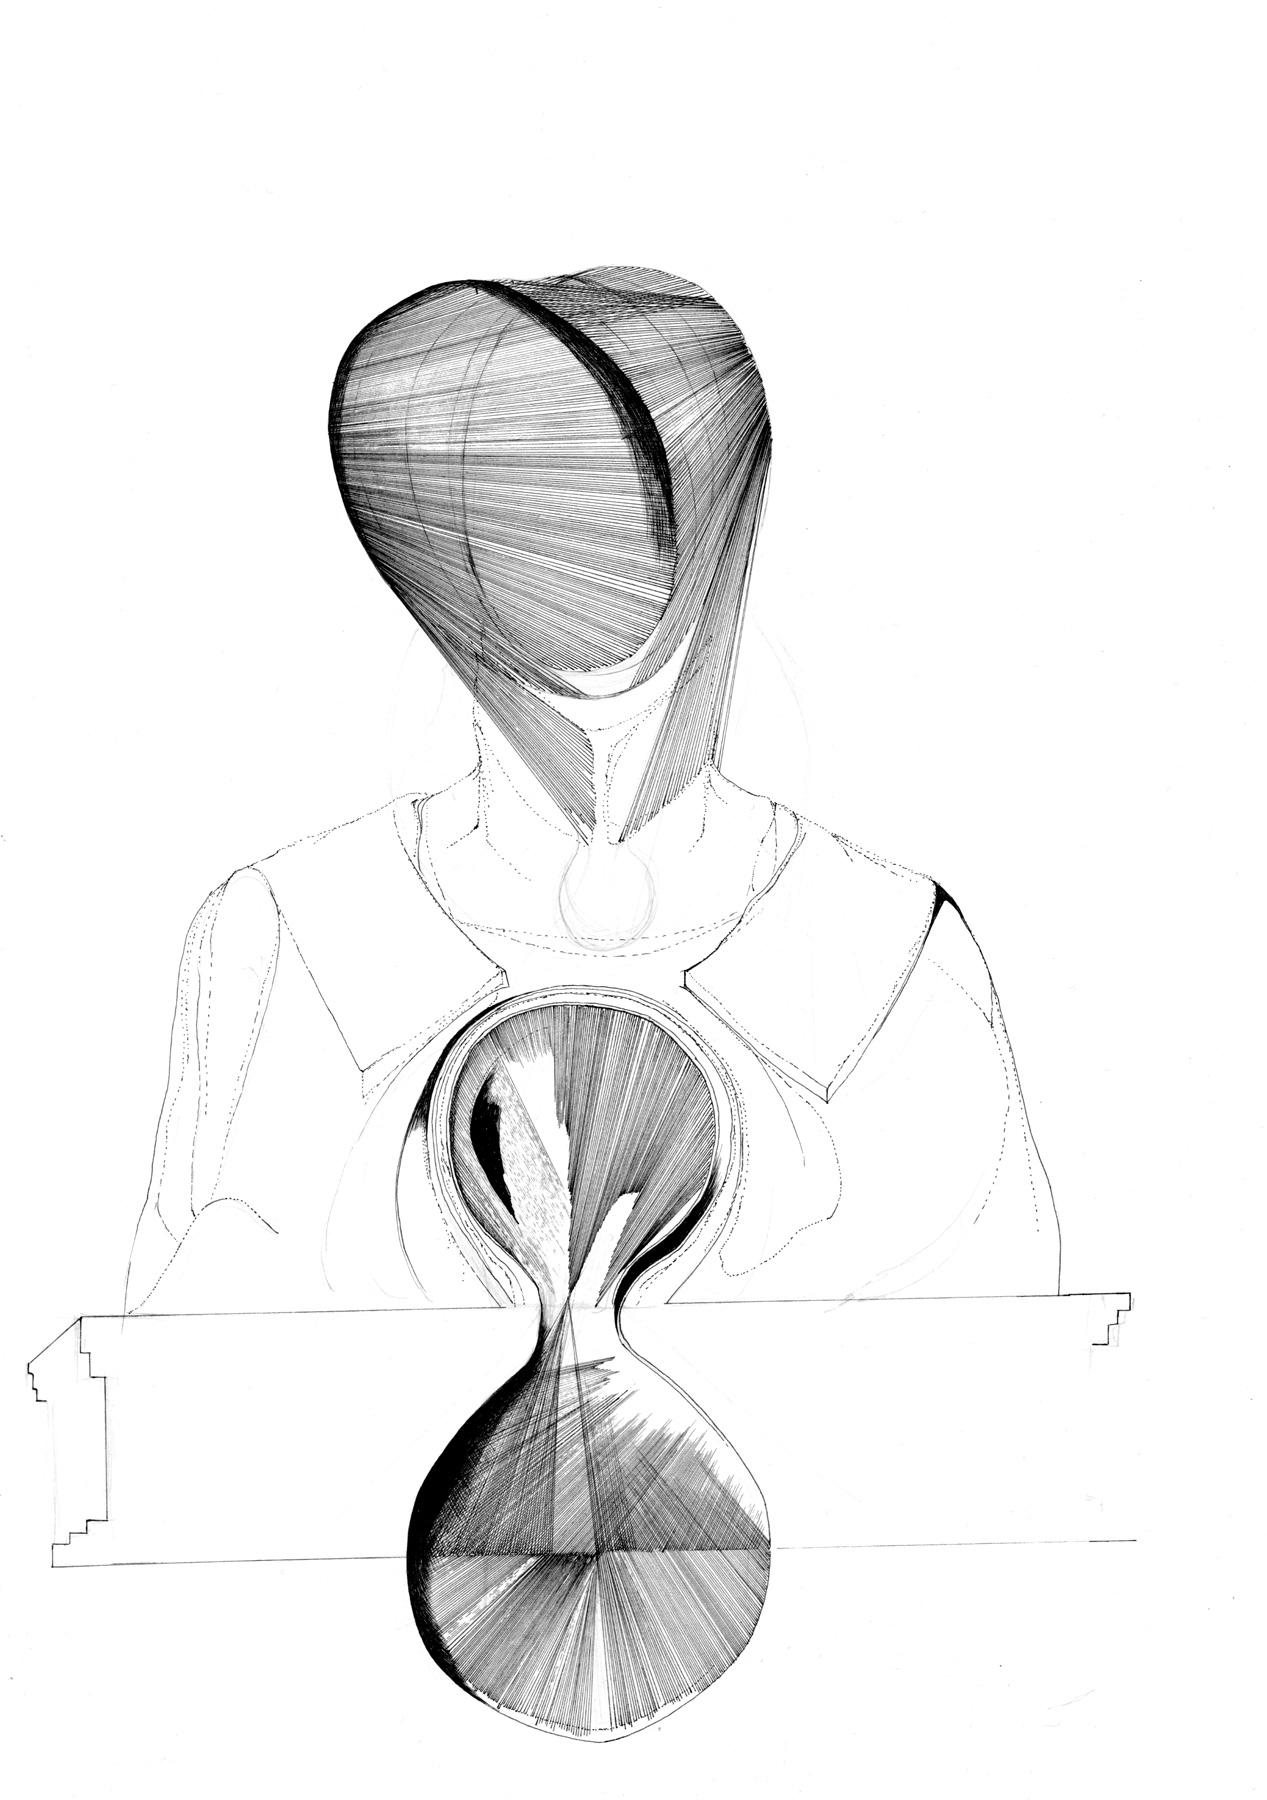 Nina Annabelle Märkl | Sakrale Auslösungen 2 | Tusche und Bleistift auf Papier | 29,7 x 21 cm | 2017